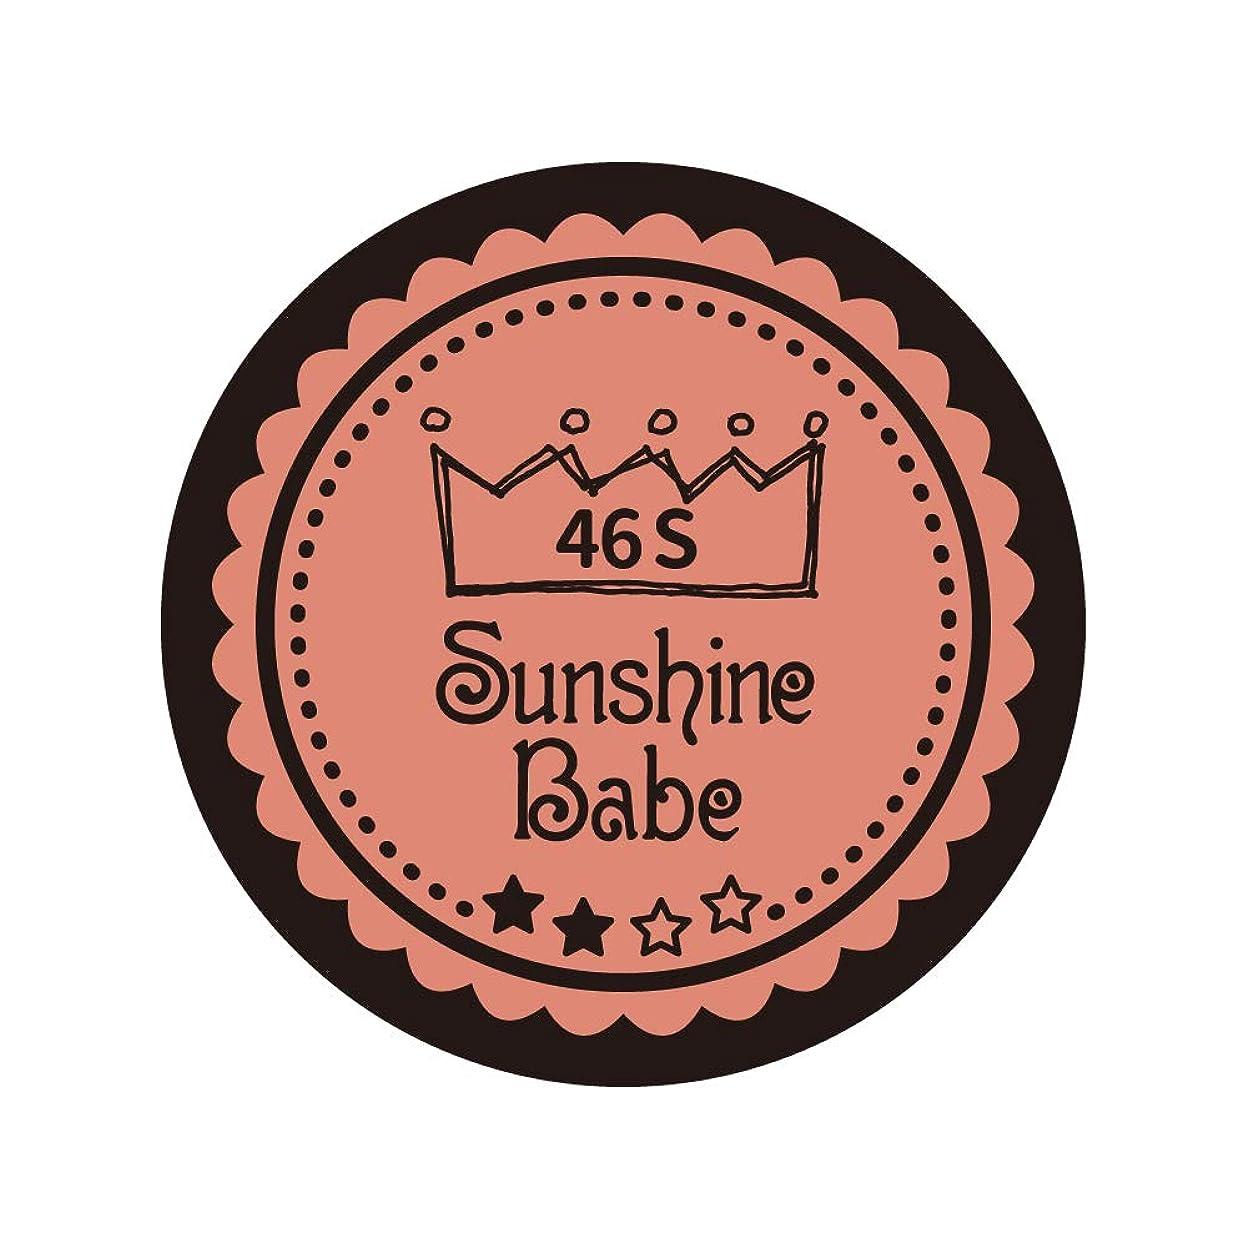 苦しめる実行可能影響Sunshine Babe カラージェル 46S ピンクベージュ 2.7g UV/LED対応